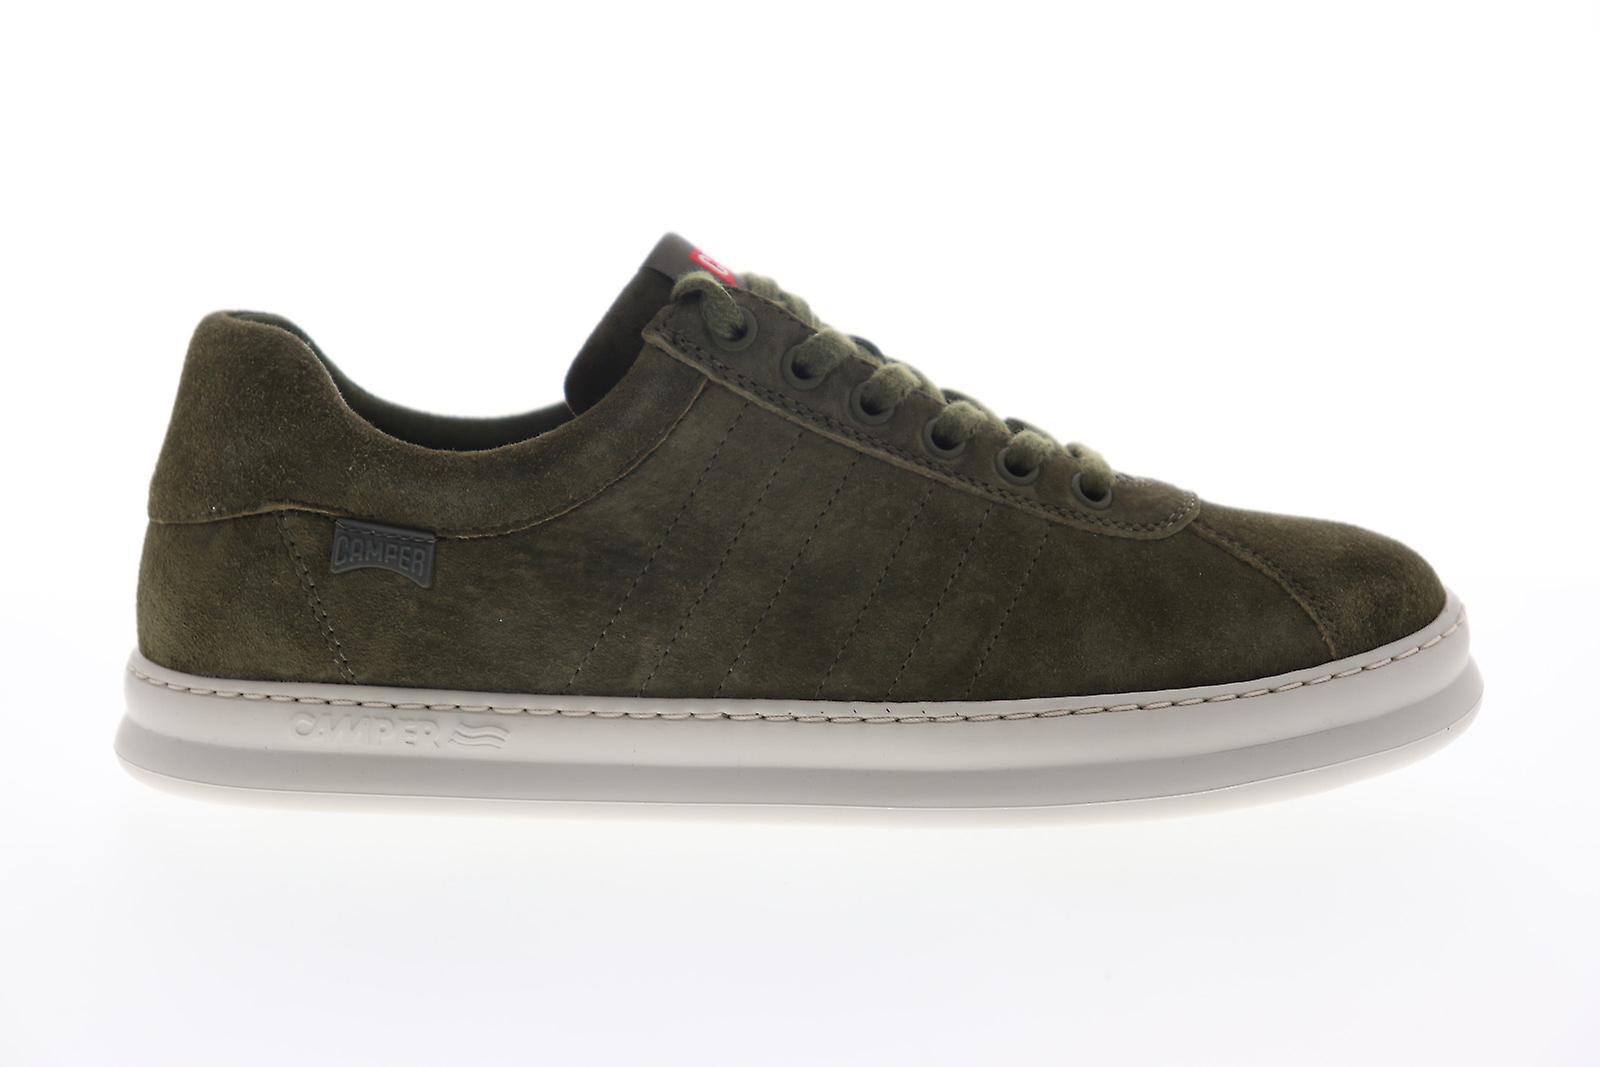 Camper Runner Vier Mens Green Suede Low Top Sneakers Schoenen zw76HN